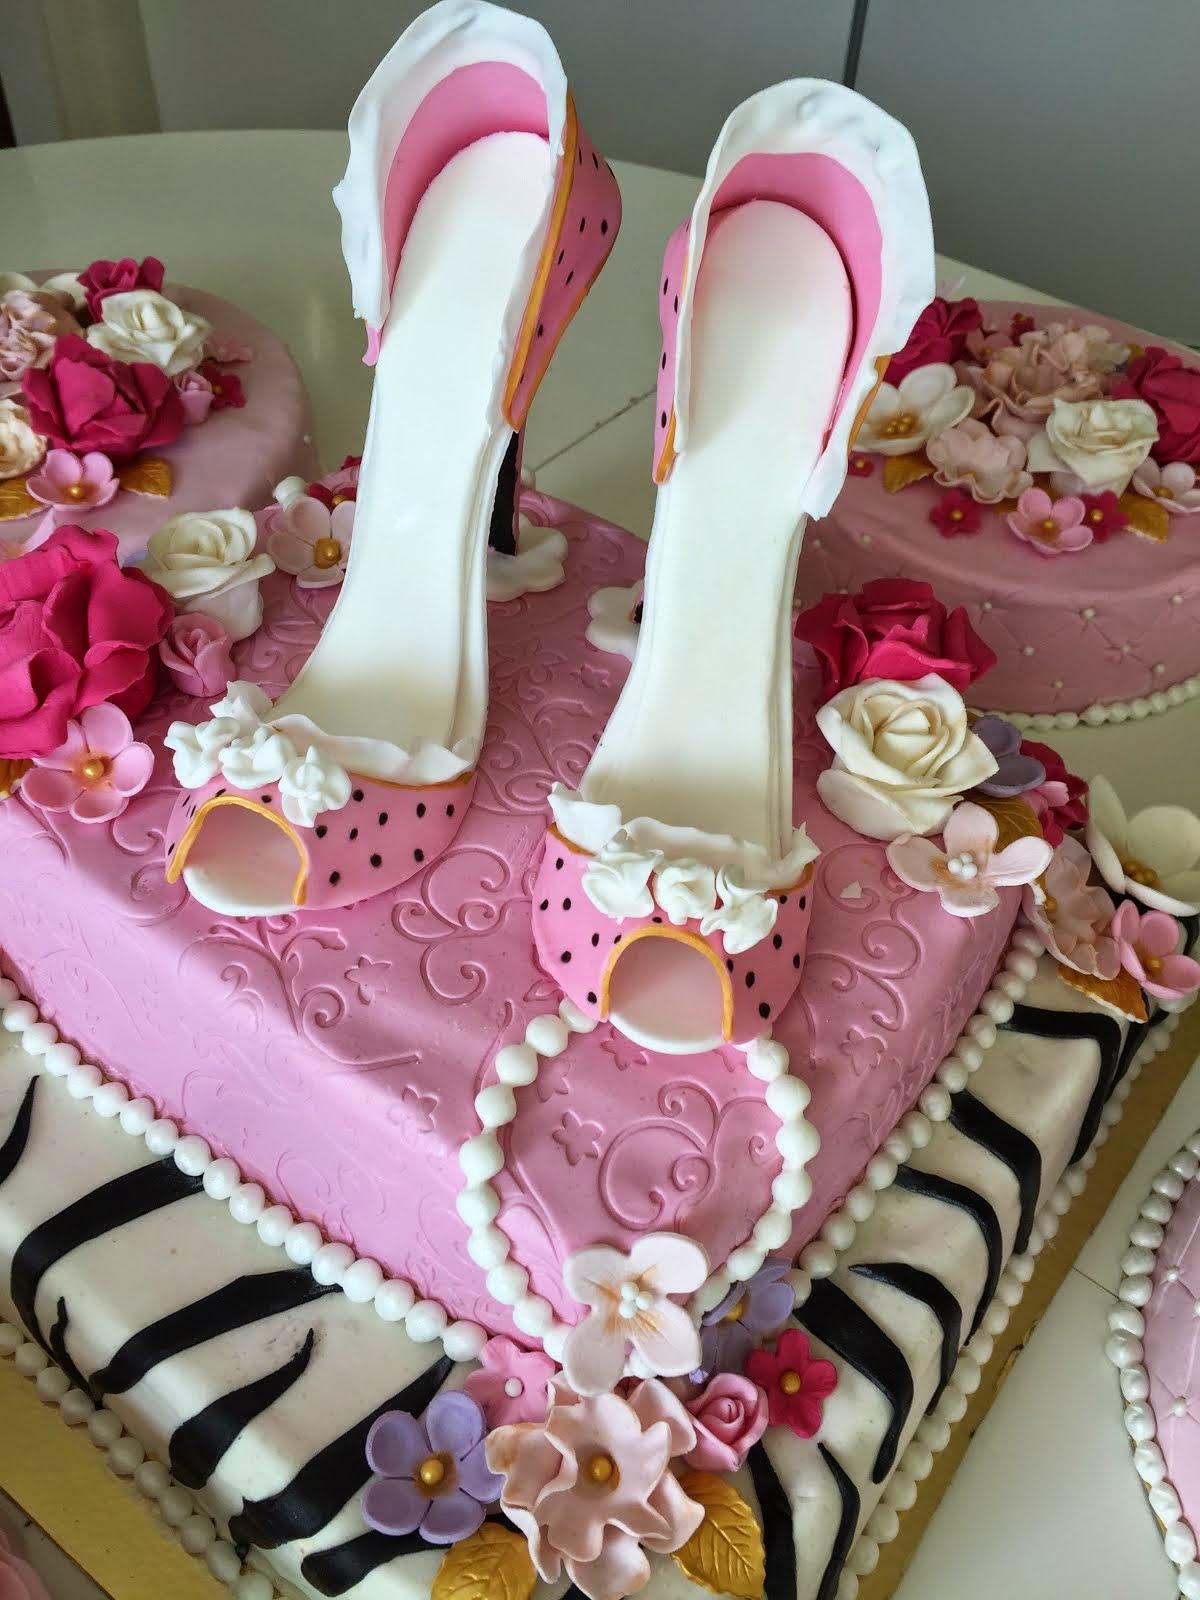 Tårta med högklackade sugarpasteskor